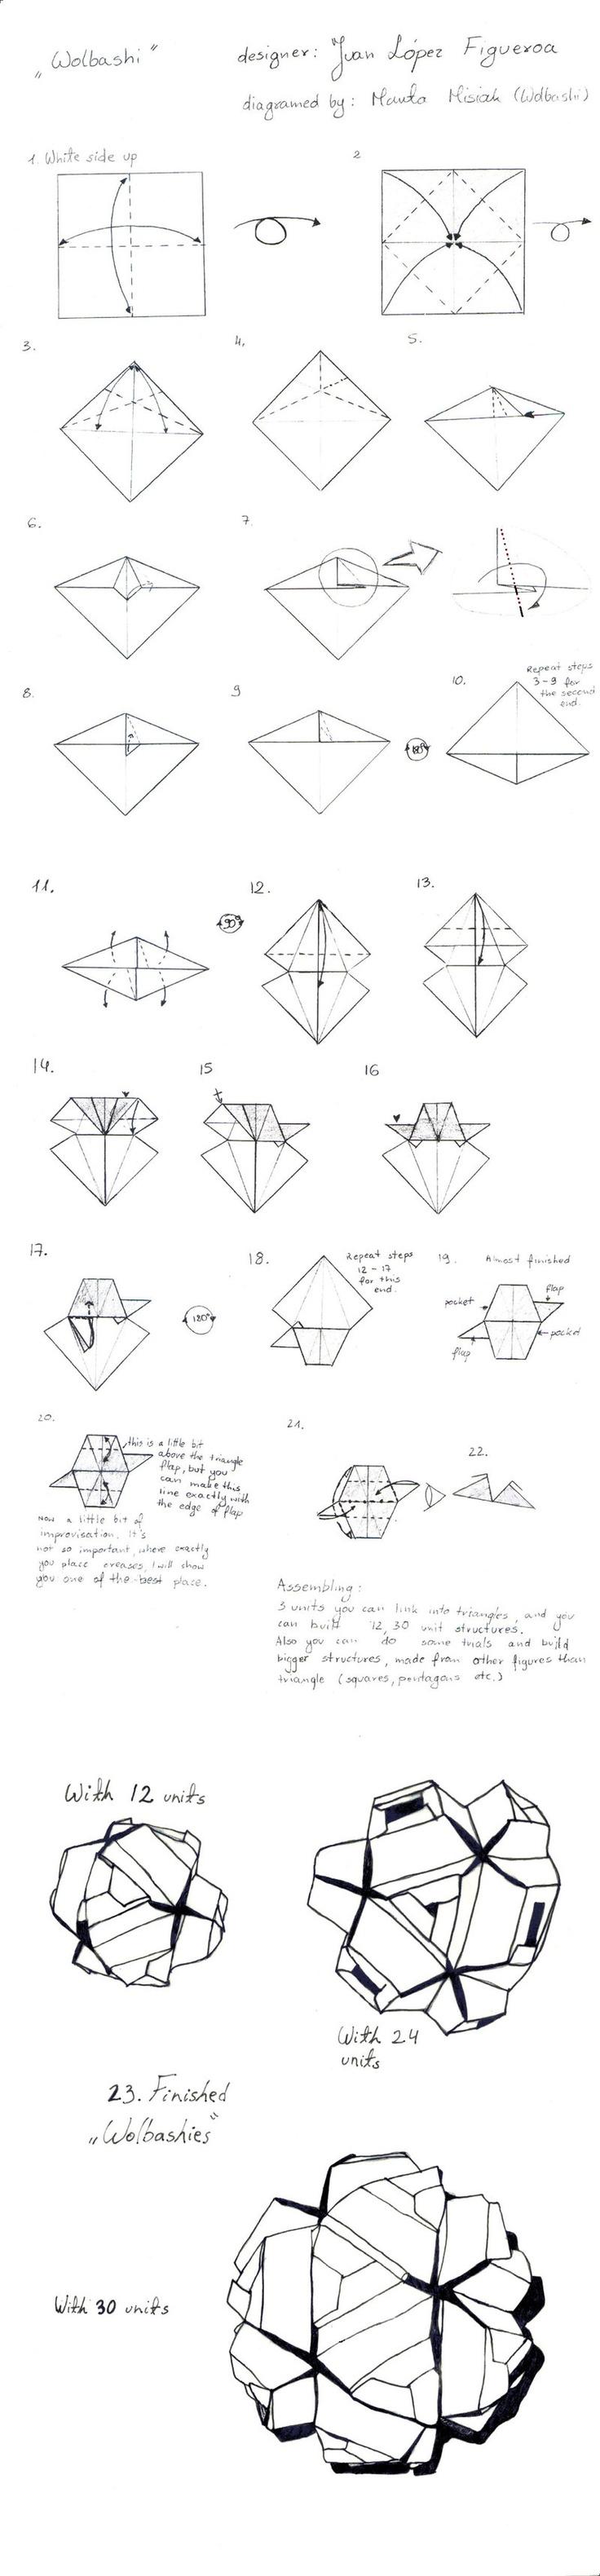 135 best kusudamas images on pinterest modular origami paper kusudama wolbashi folding instructions origami instruction on imgfave pooptronica